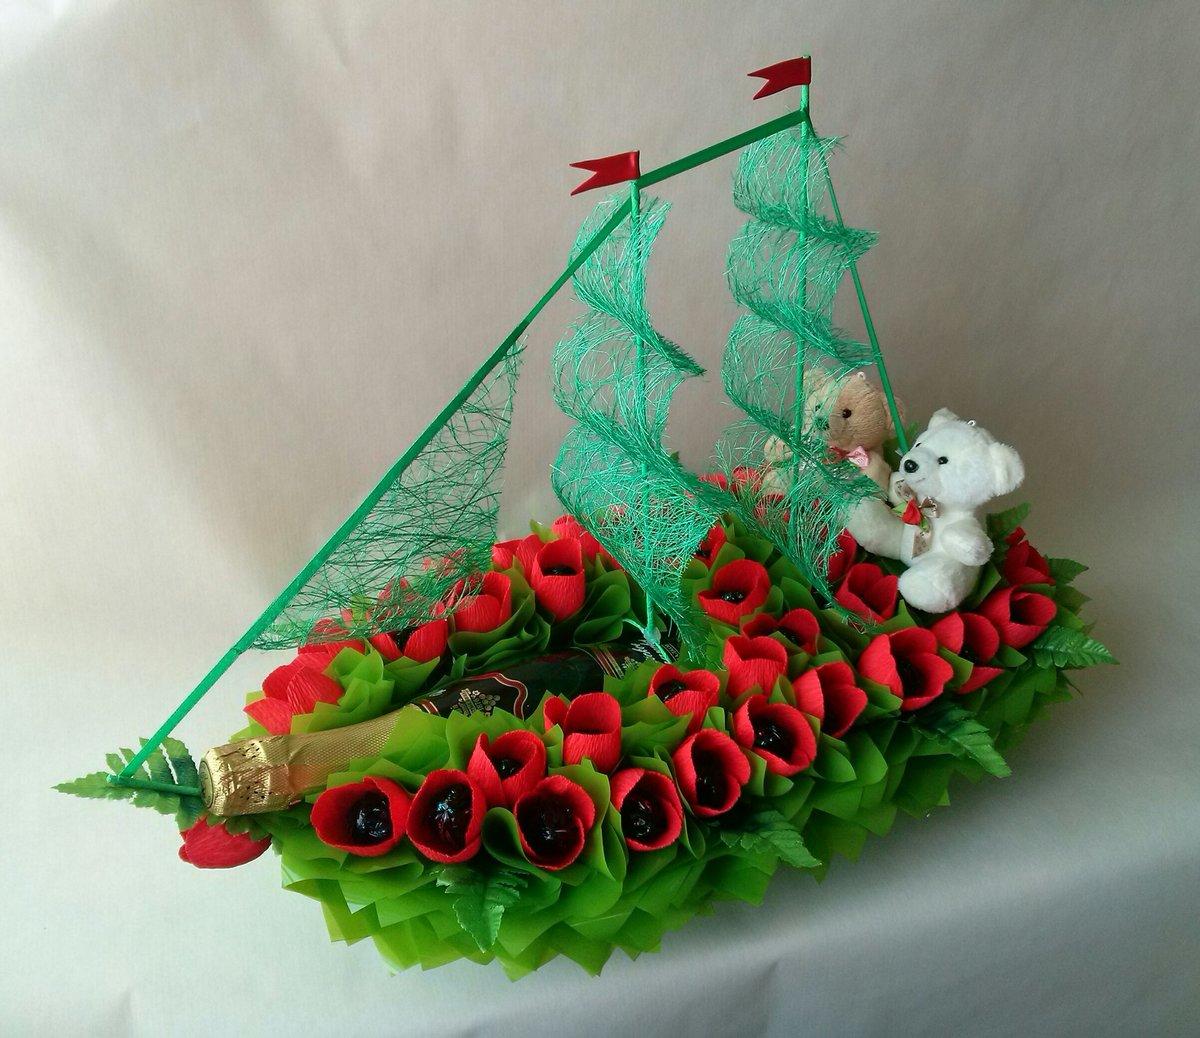 против лодка из конфет фото вас